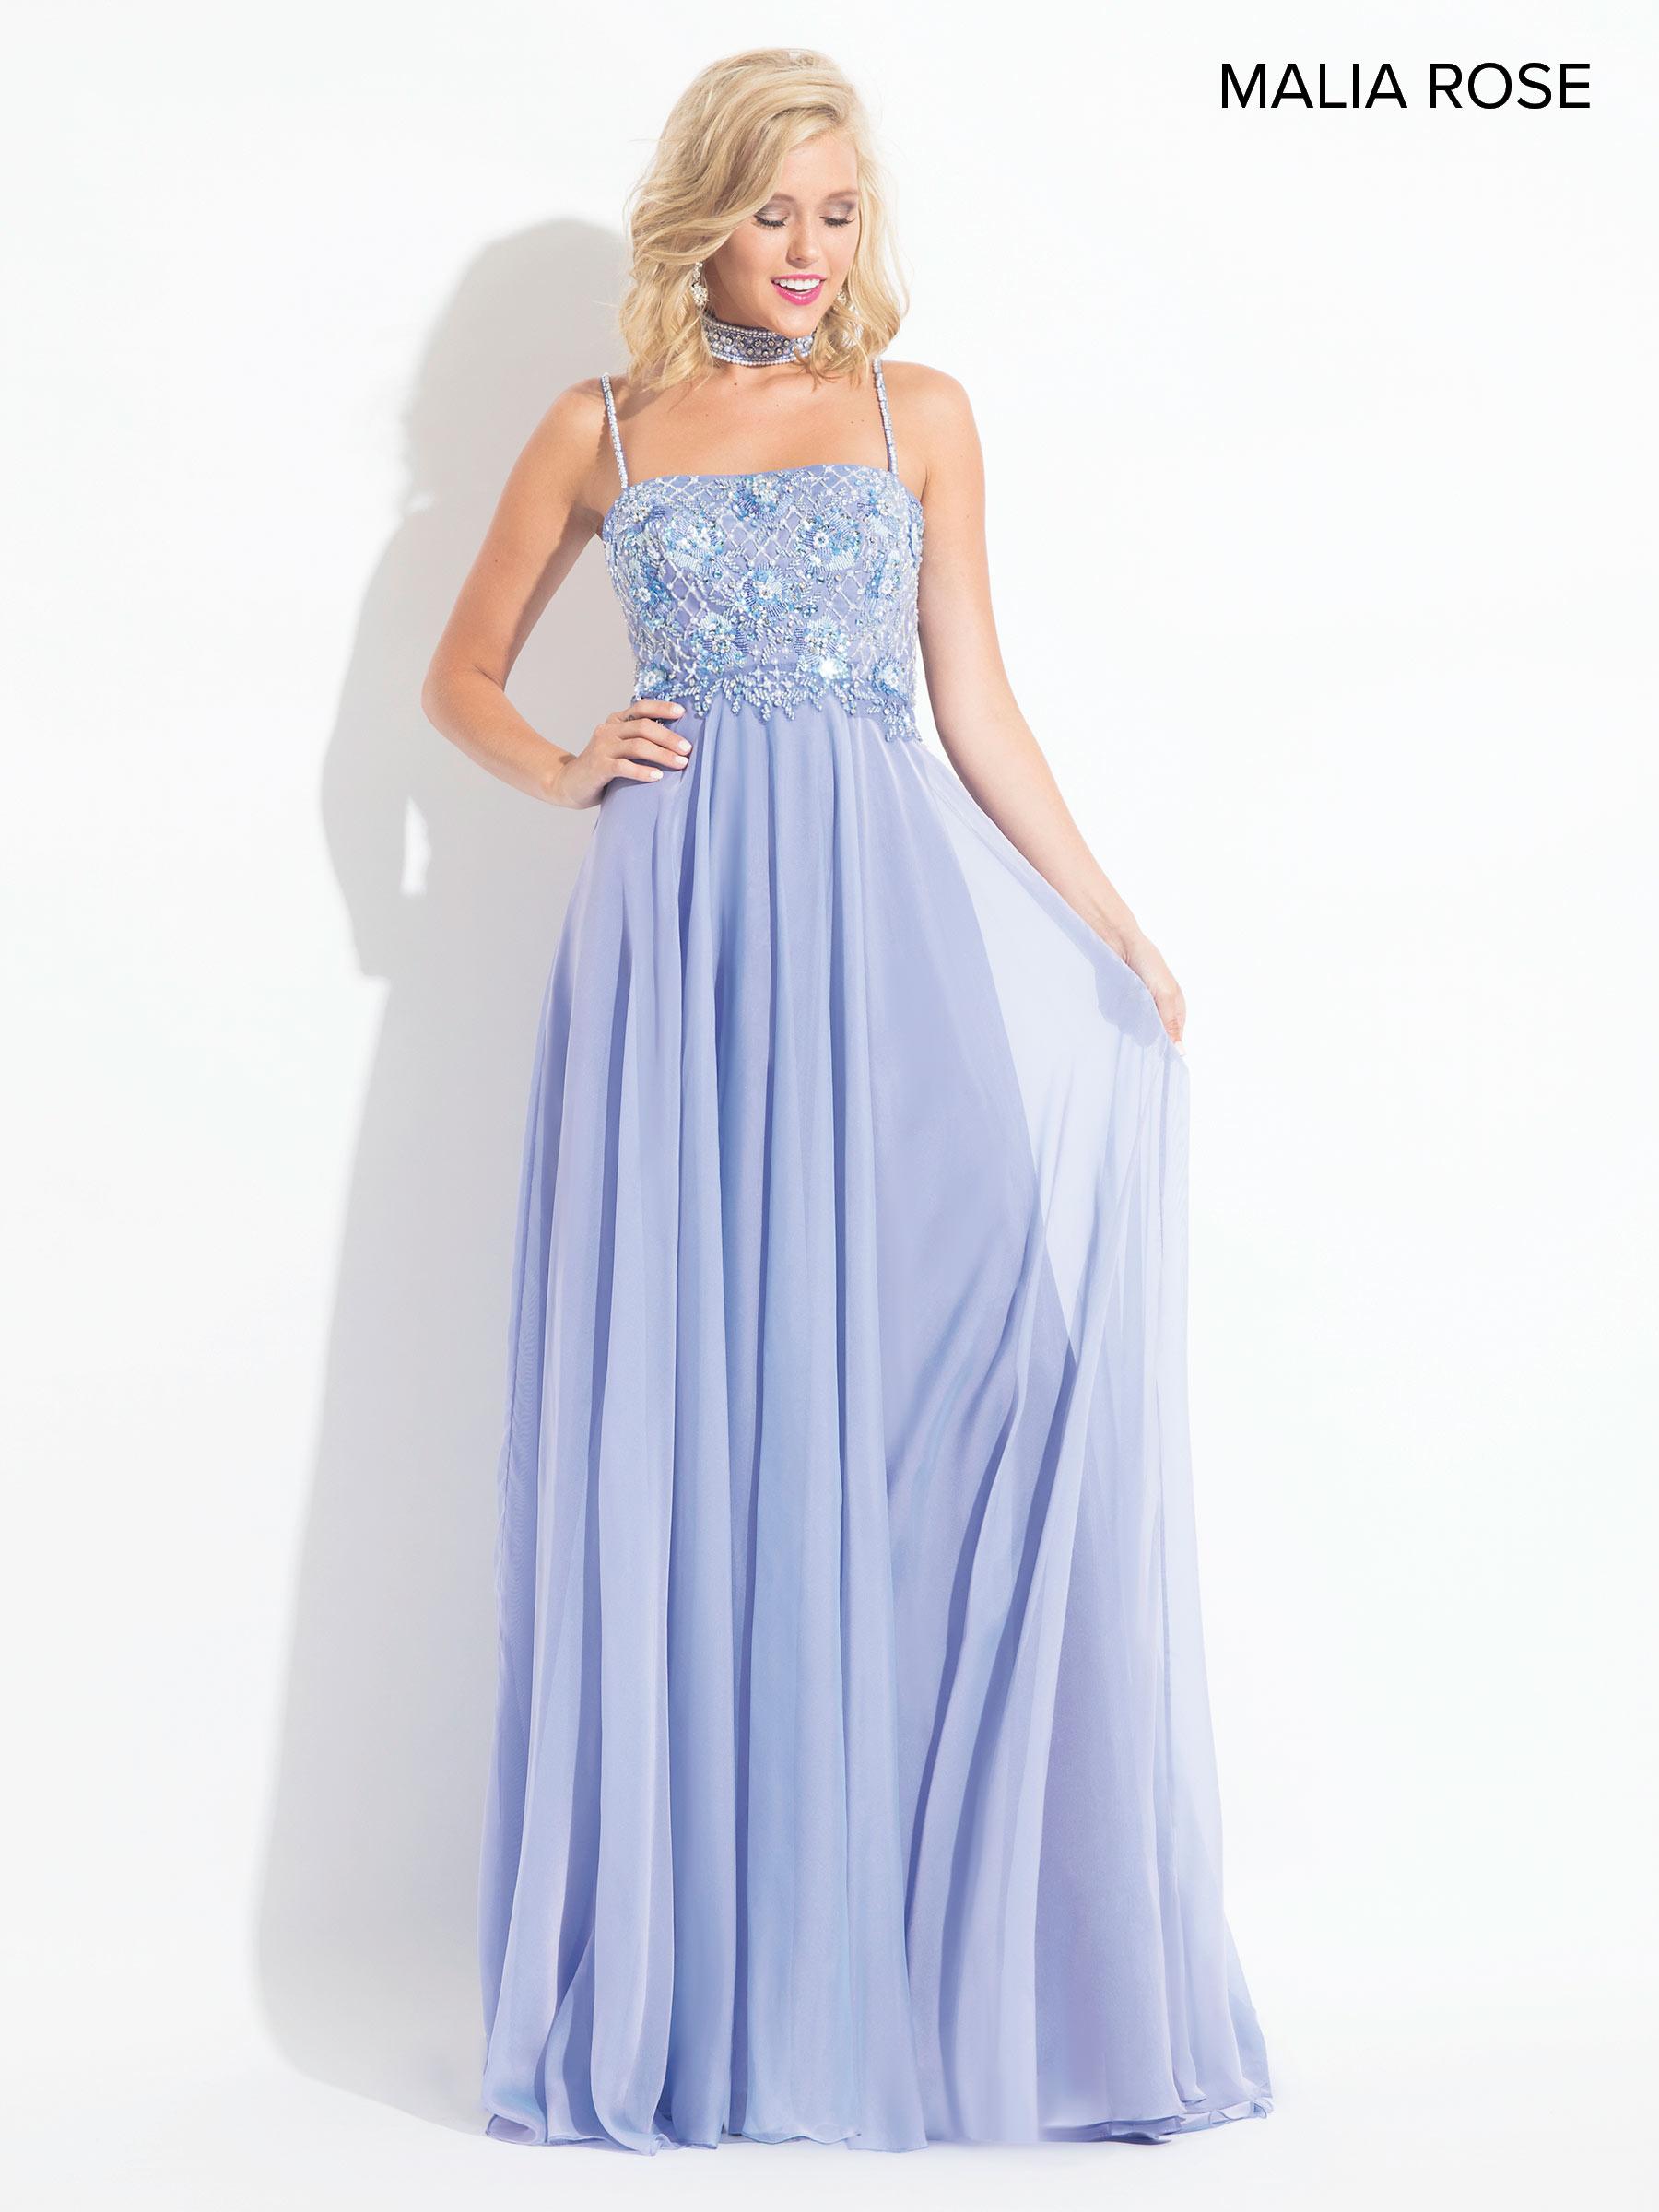 Malia Rose Prom Dresses | Malia Rose | Style - MP1034